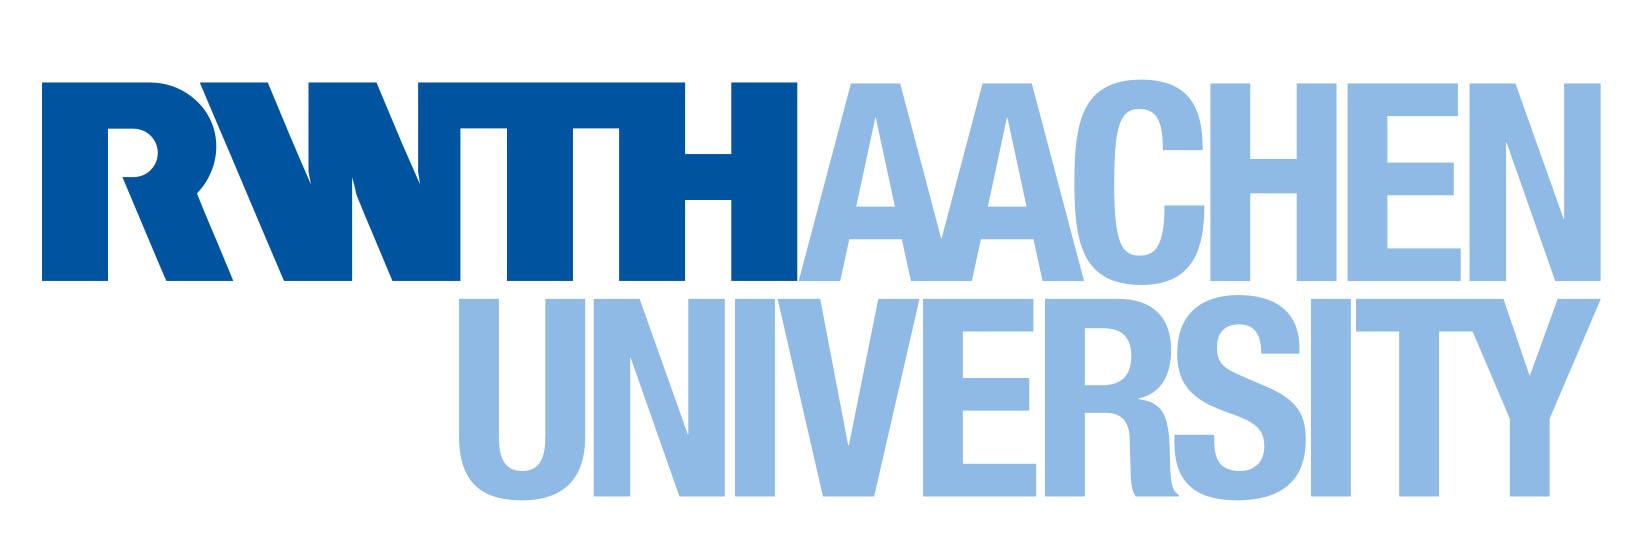 国际合作方面,我们与德国亚琛工业大学(RWTH Aachen University),德国于利希研究中心(Research Center Jlich),美国约翰霍普金斯大学(John Hopkings University)的国际知名学者和课题组保持着密切交流与合作。   第一届中德电子与内存材料双边研讨会(西安交大、亚琛工大、于利希中心共同举办)